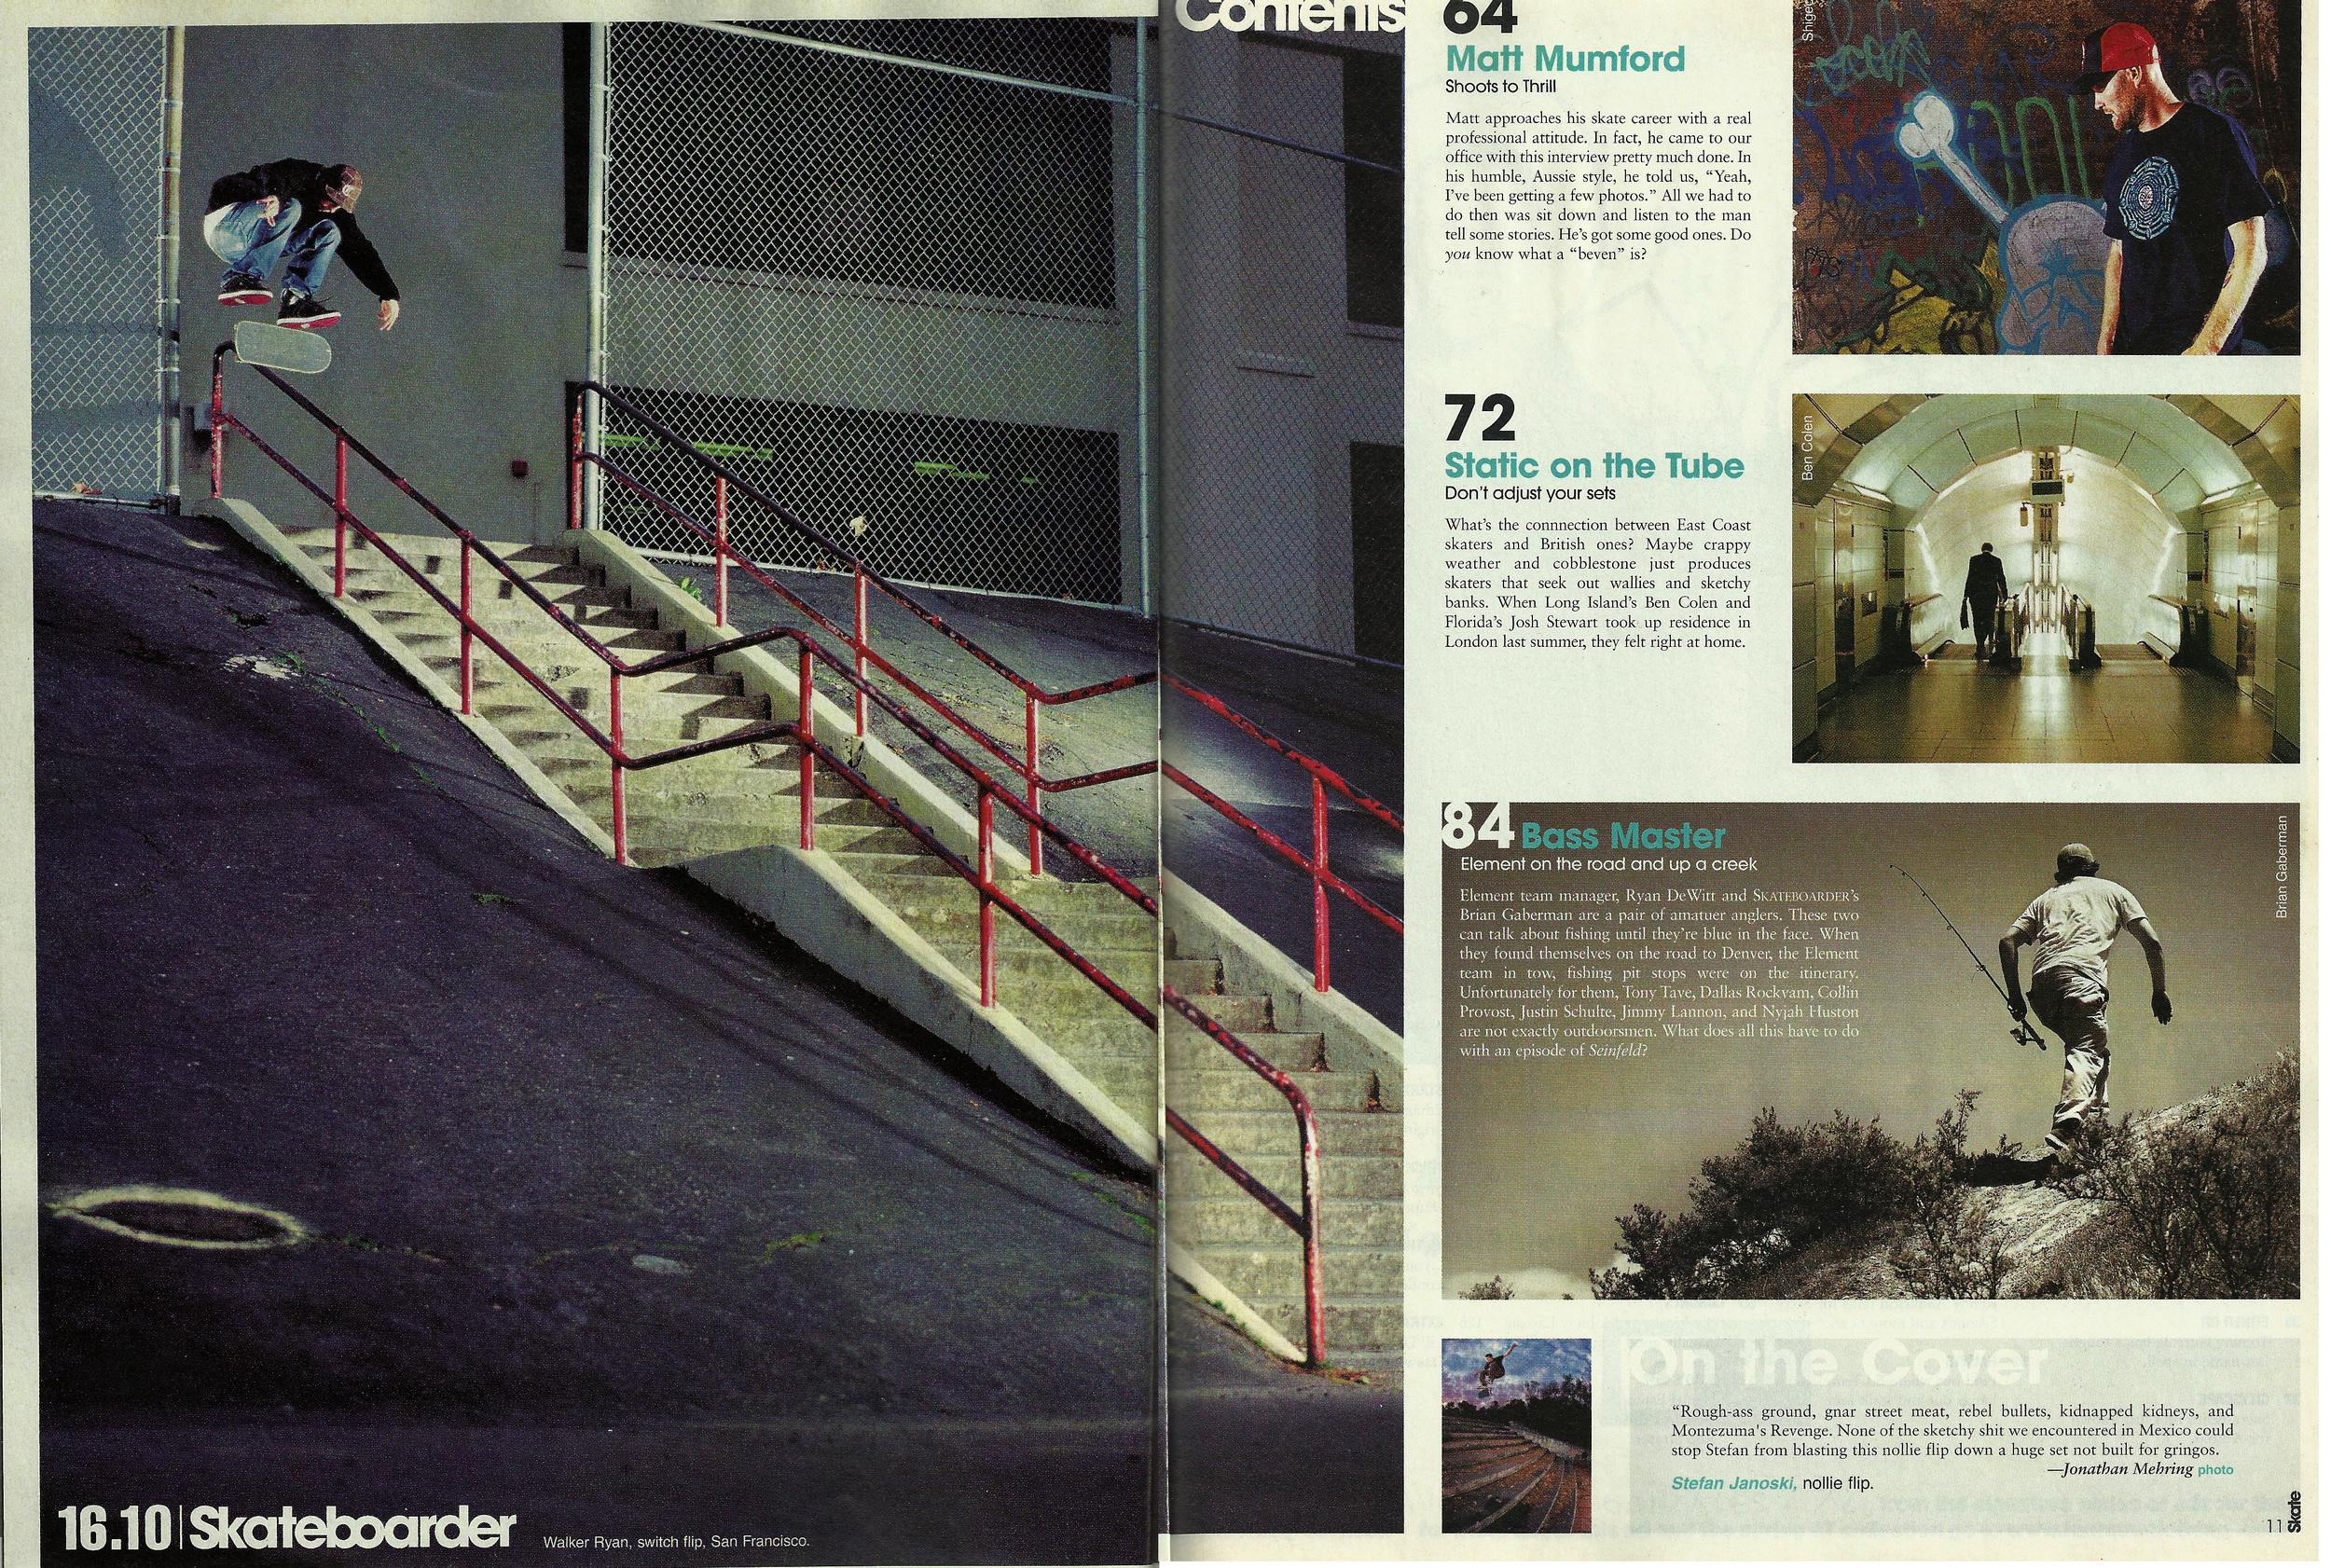 Skateboarder June 2007